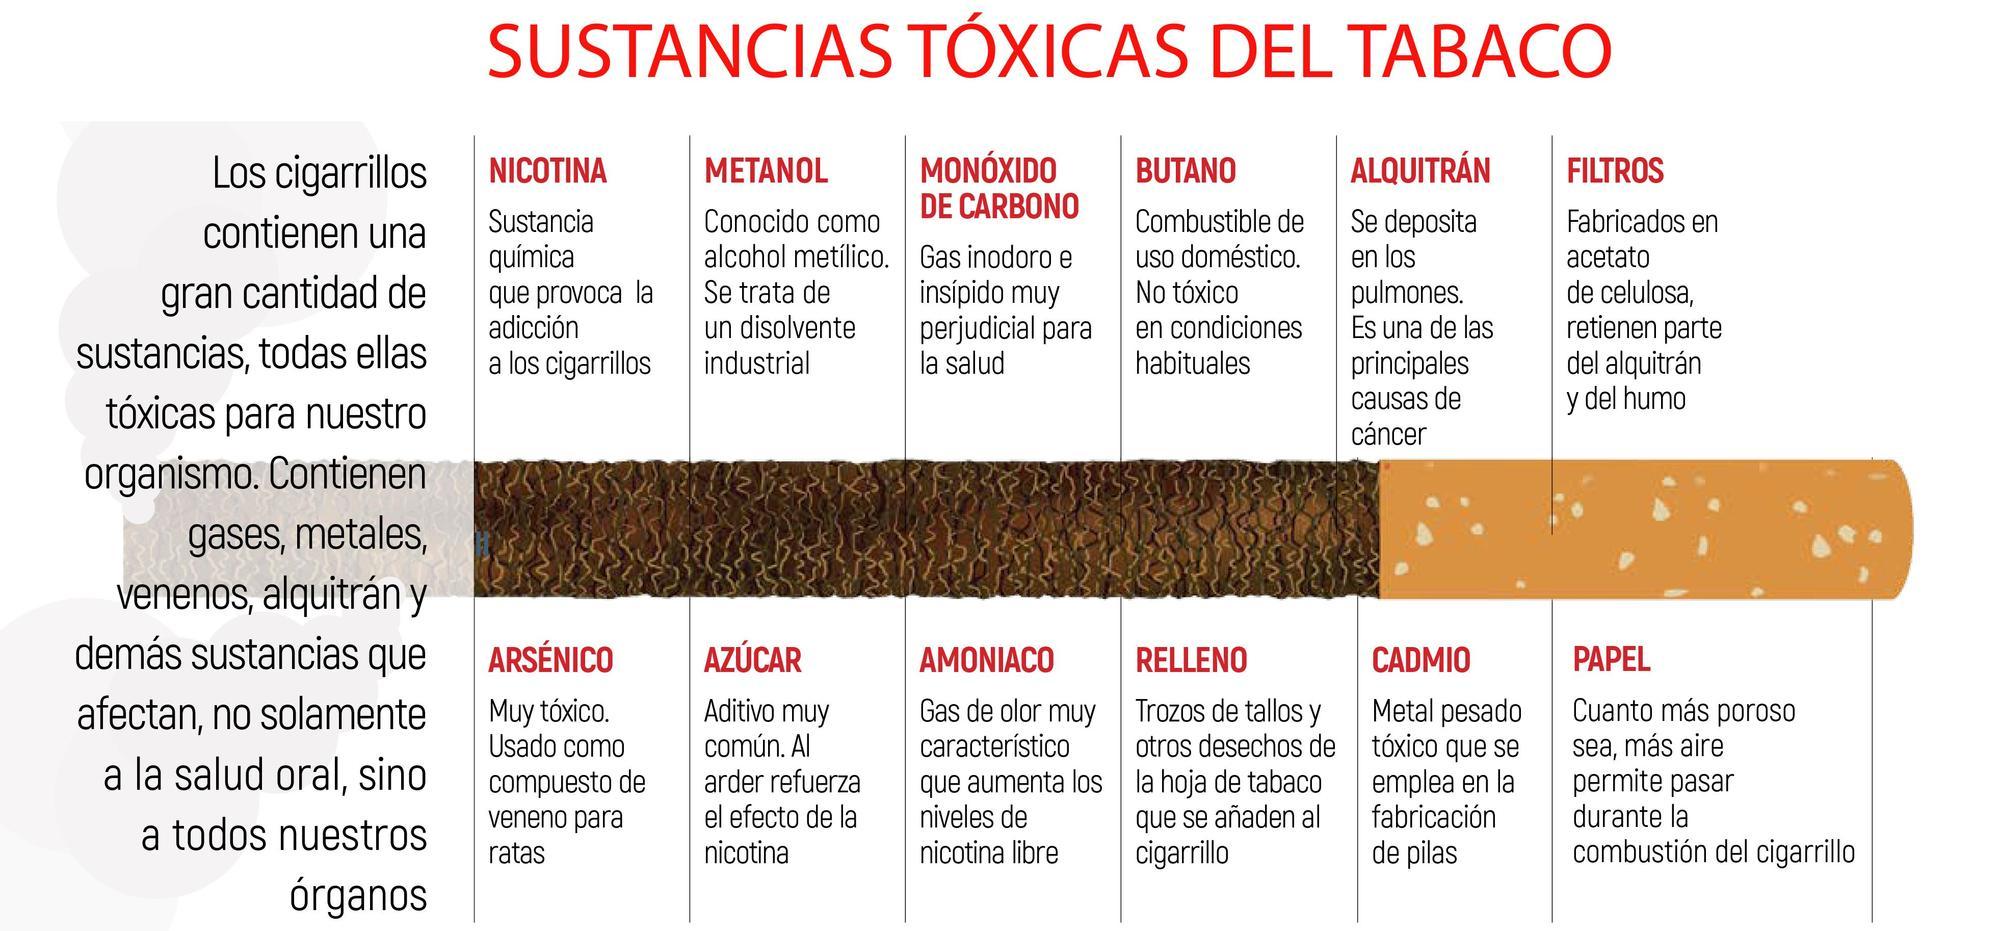 Sustancias tóxicas del tabaco